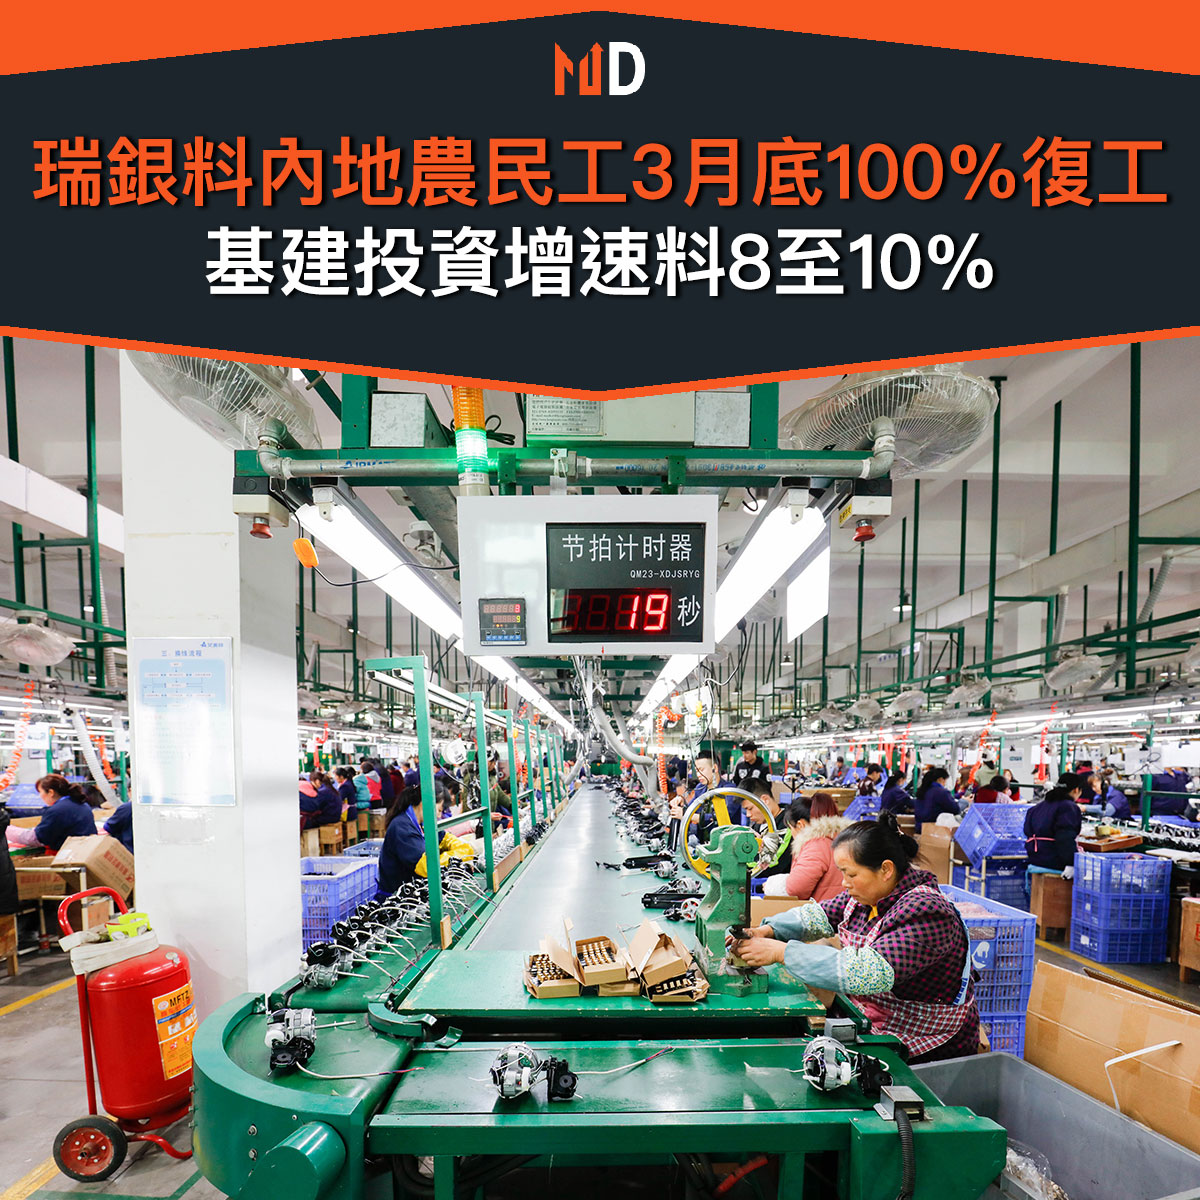 【市場熱話】瑞銀料內地農民工3月底100%復工基建投資增速料8至10%